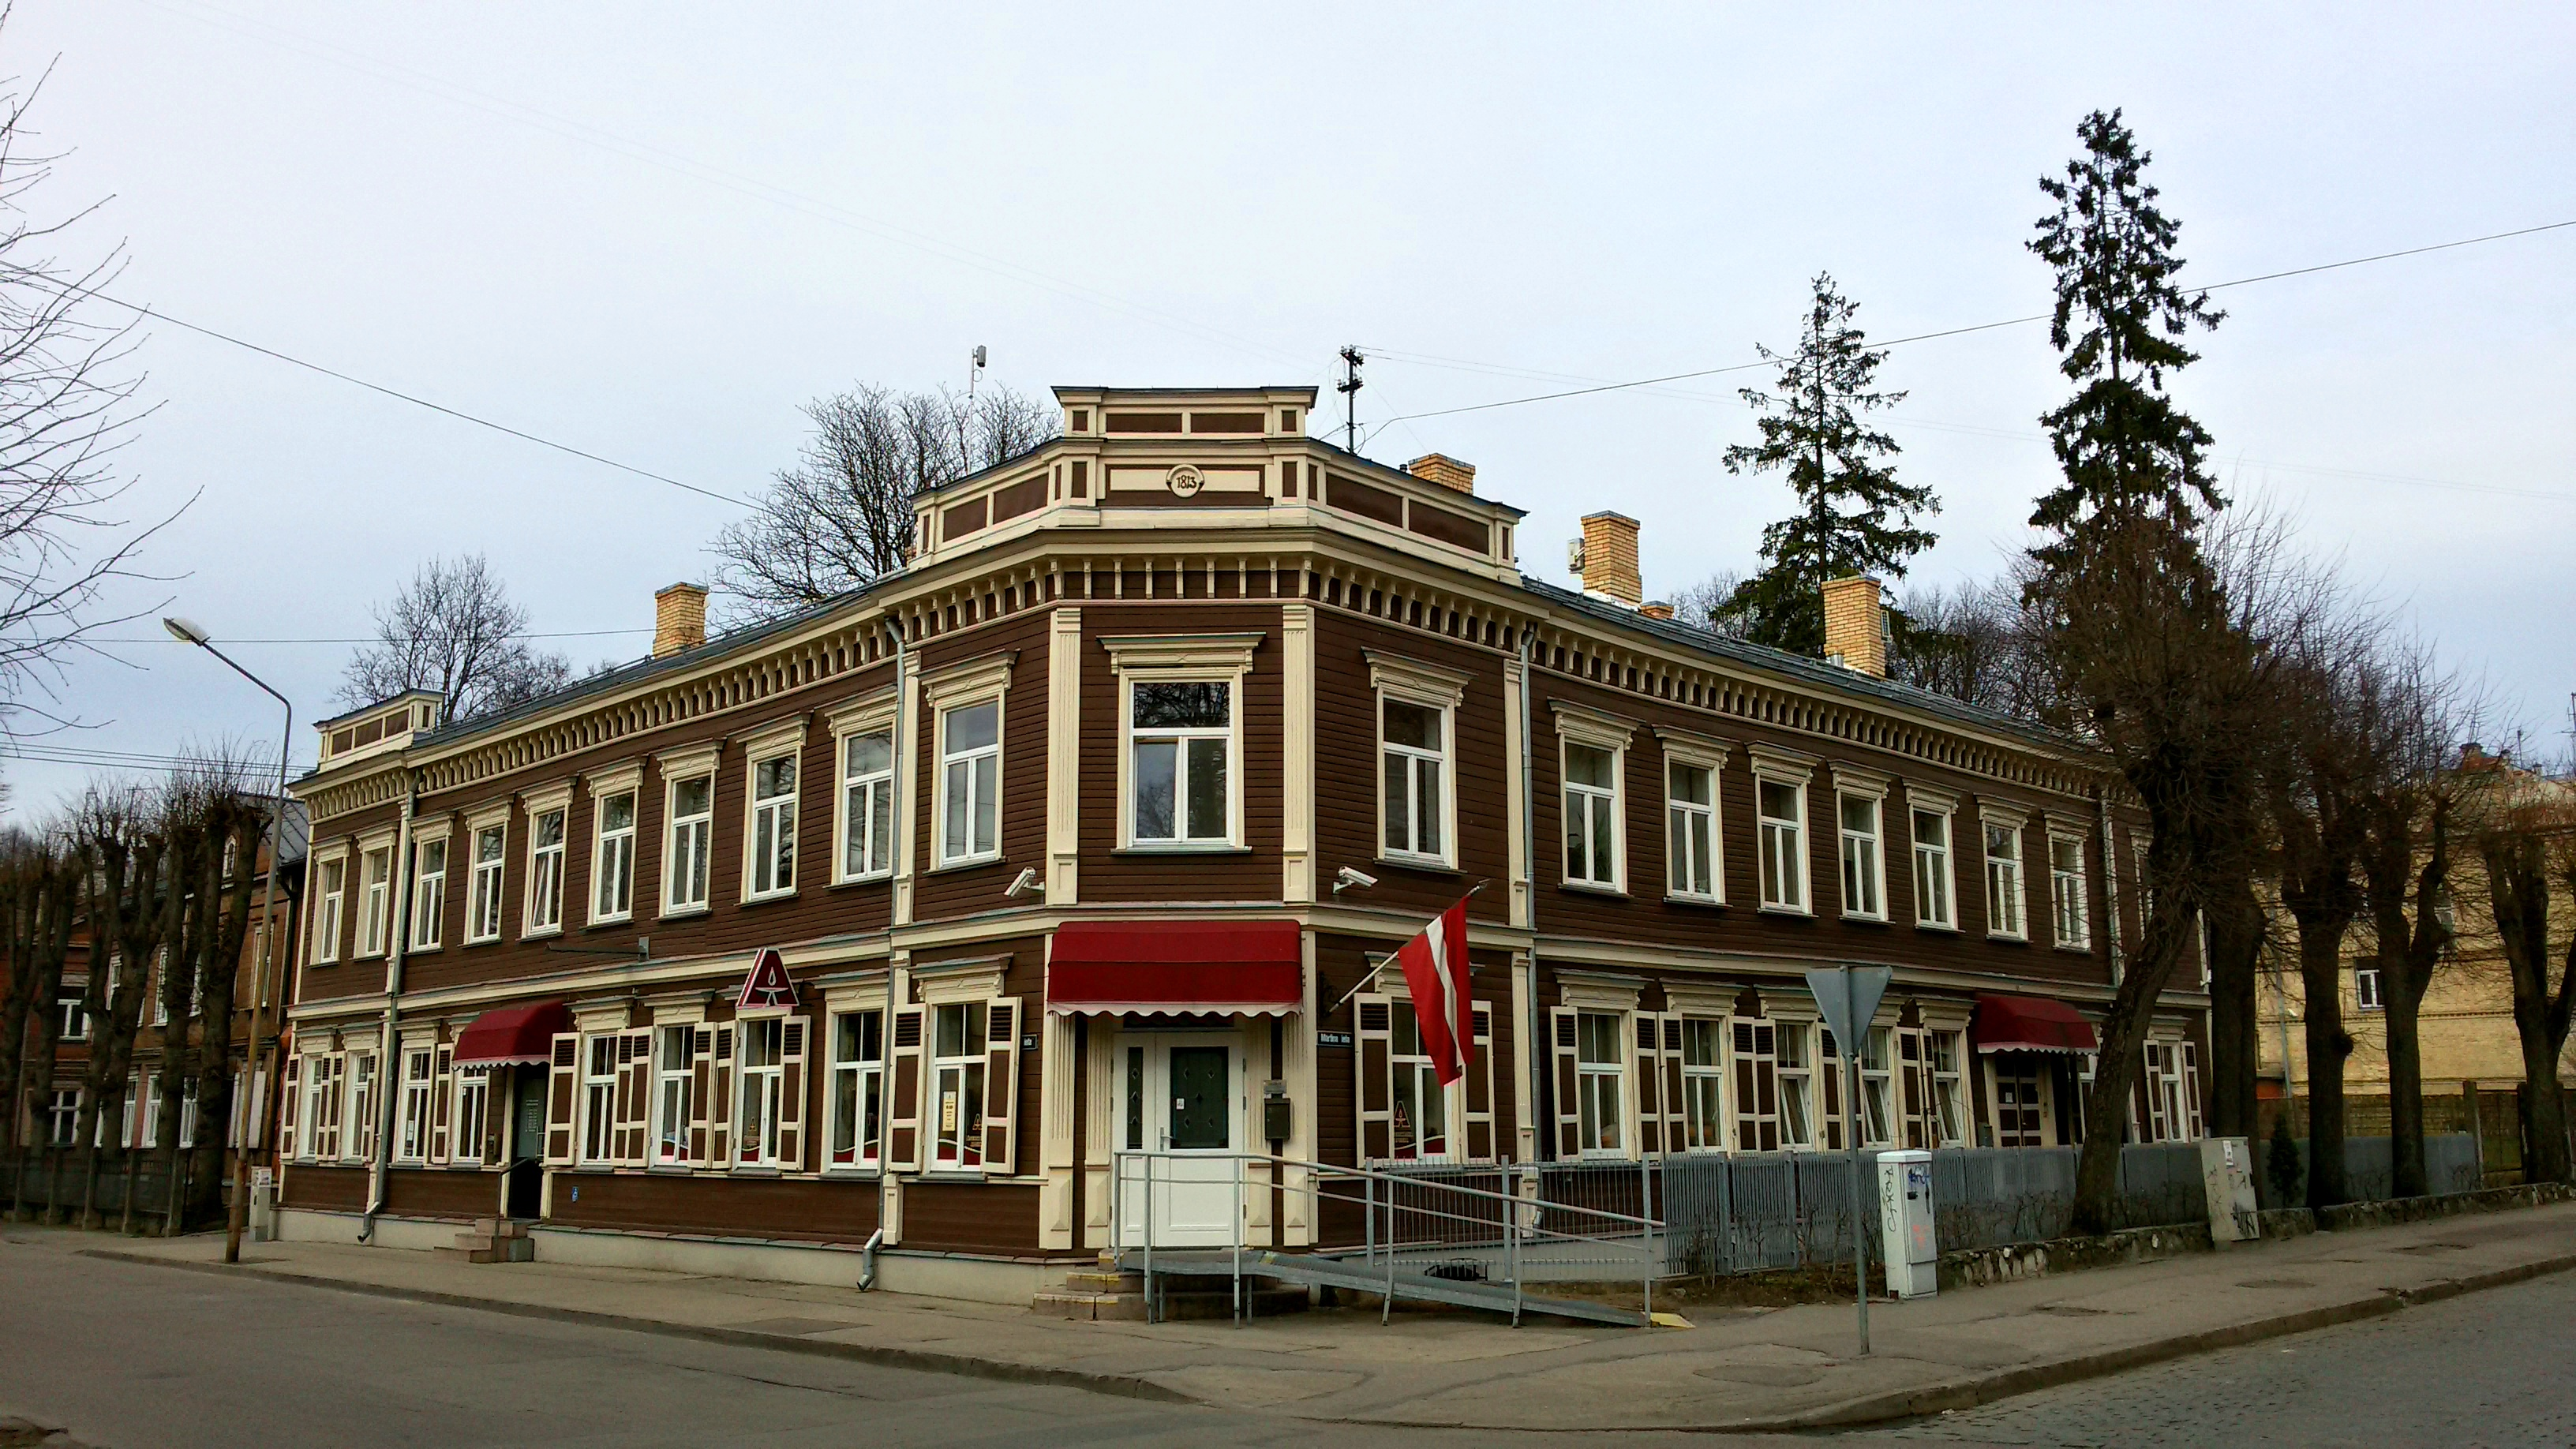 Дом по адресу Баложу 28, 1898, архитектор В. Хоффманн.